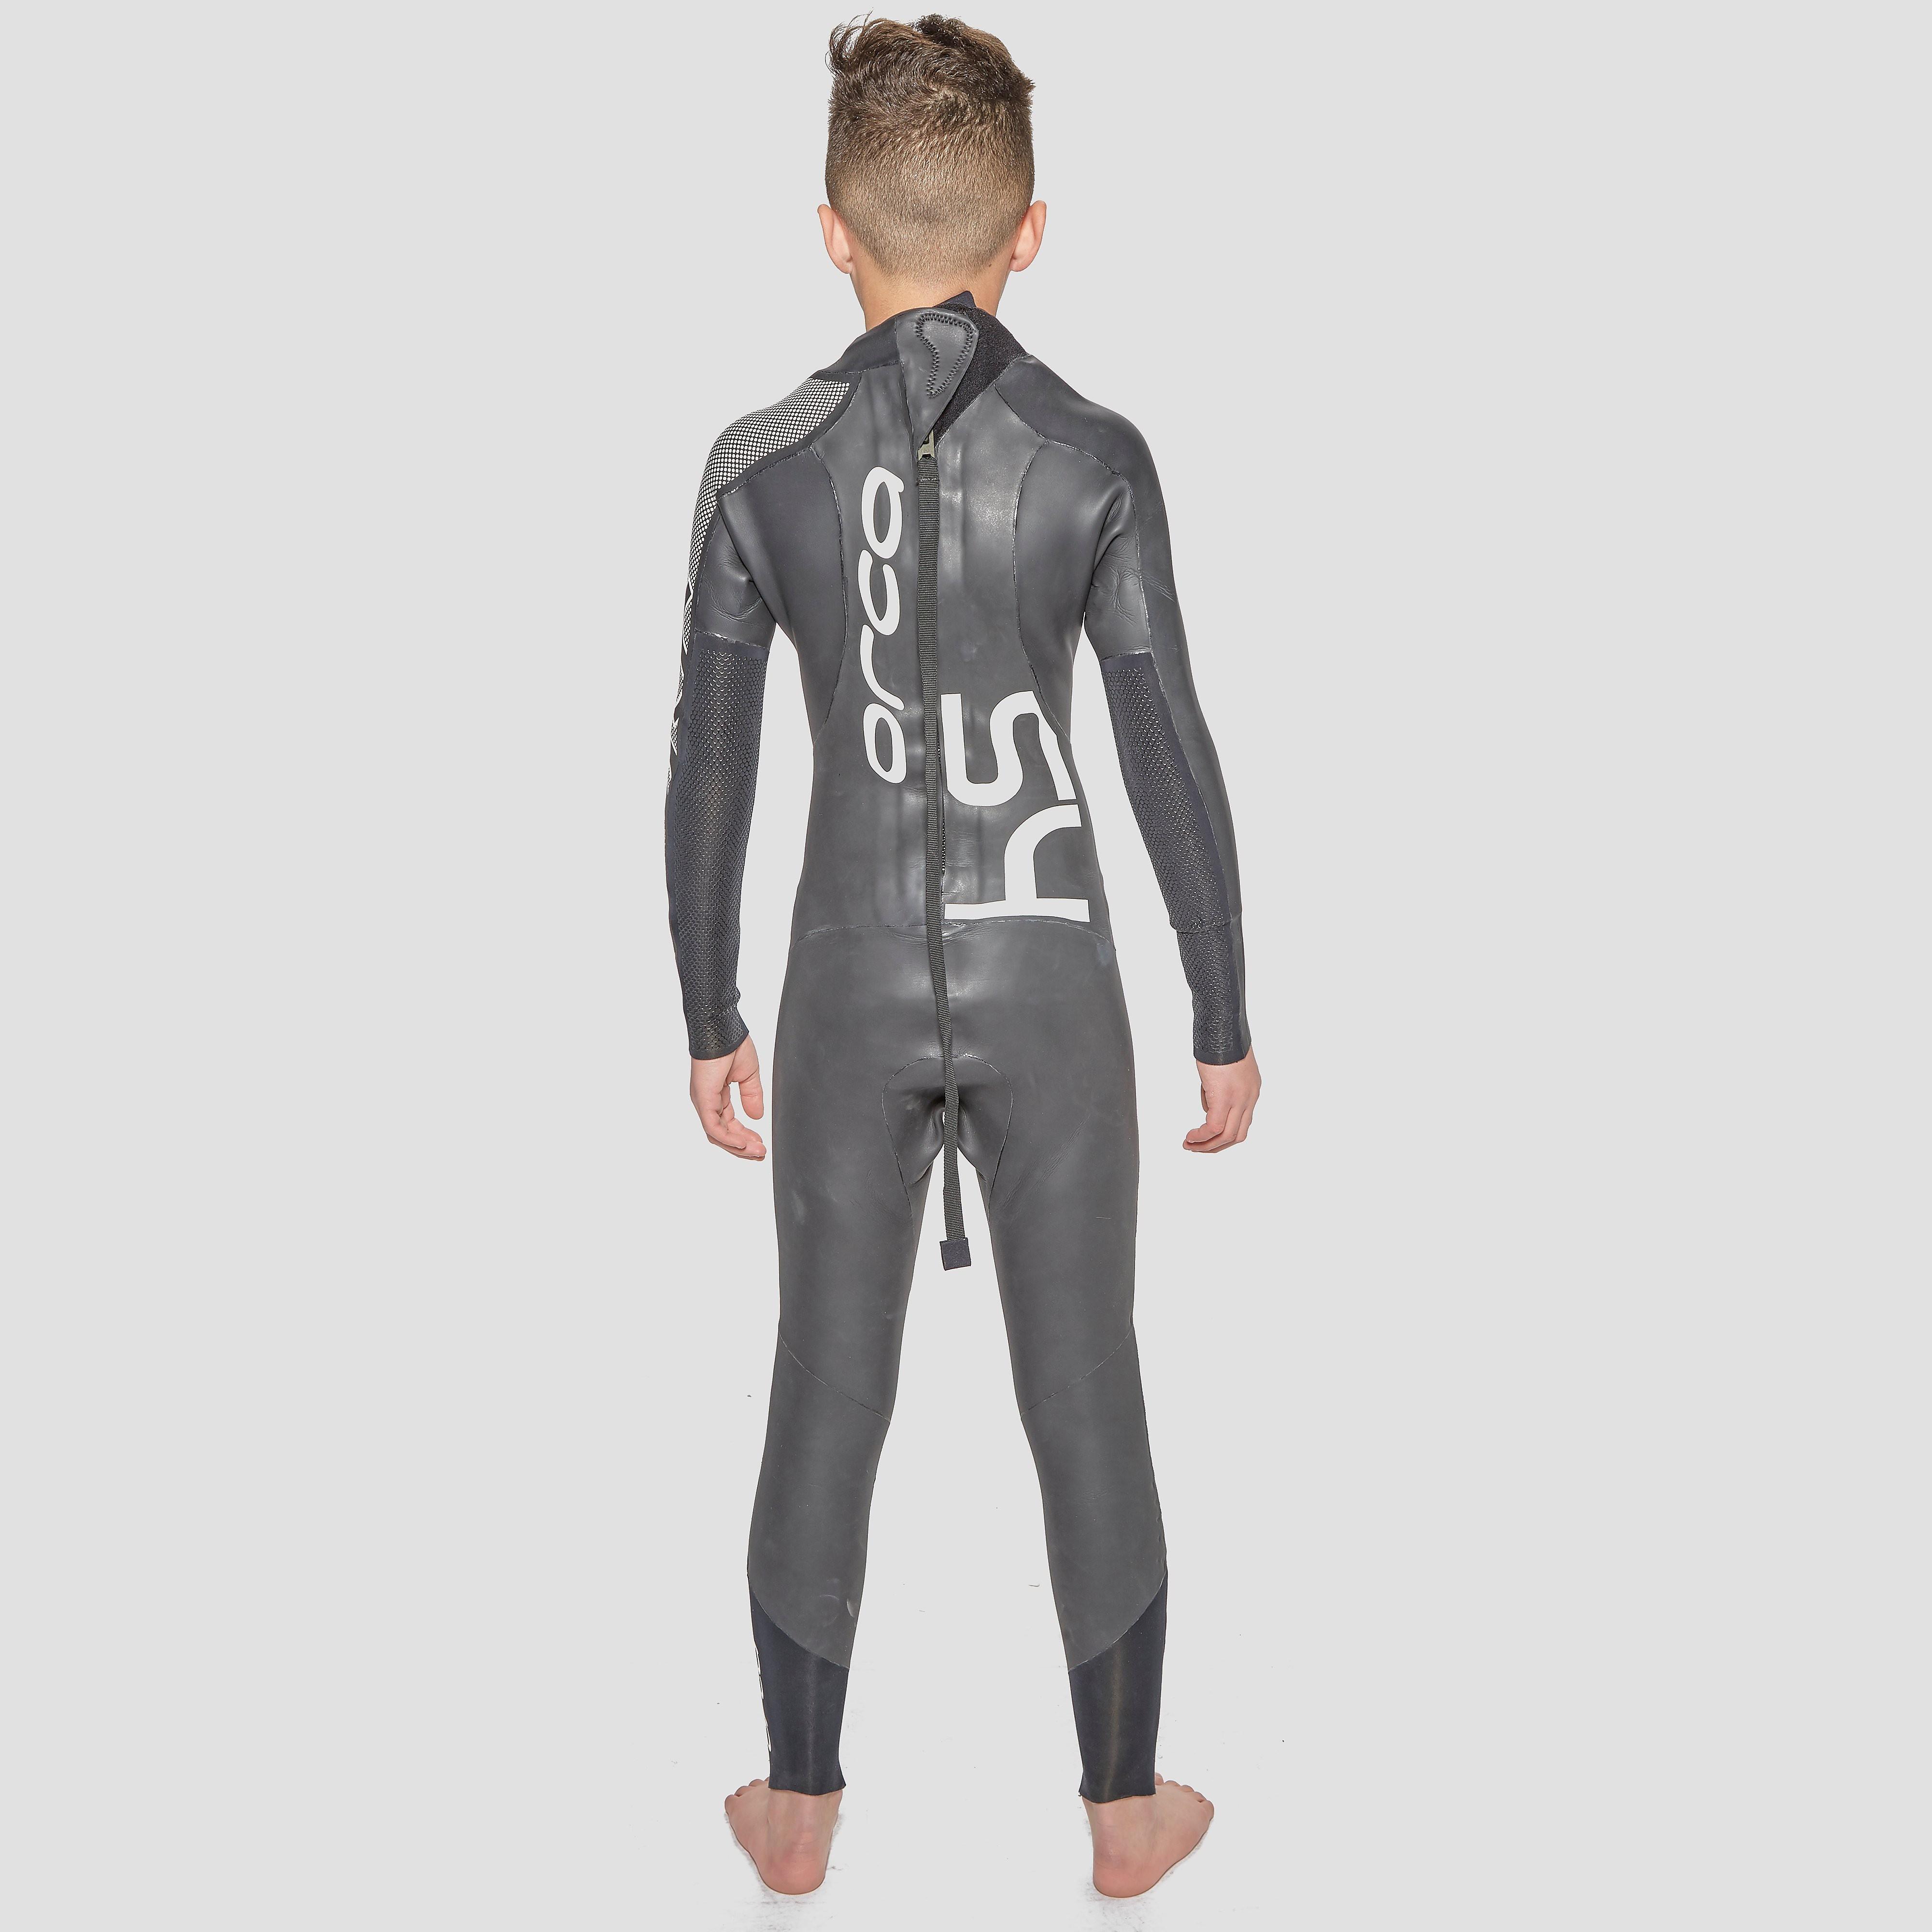 Orca S4 Boy's Wetsuit